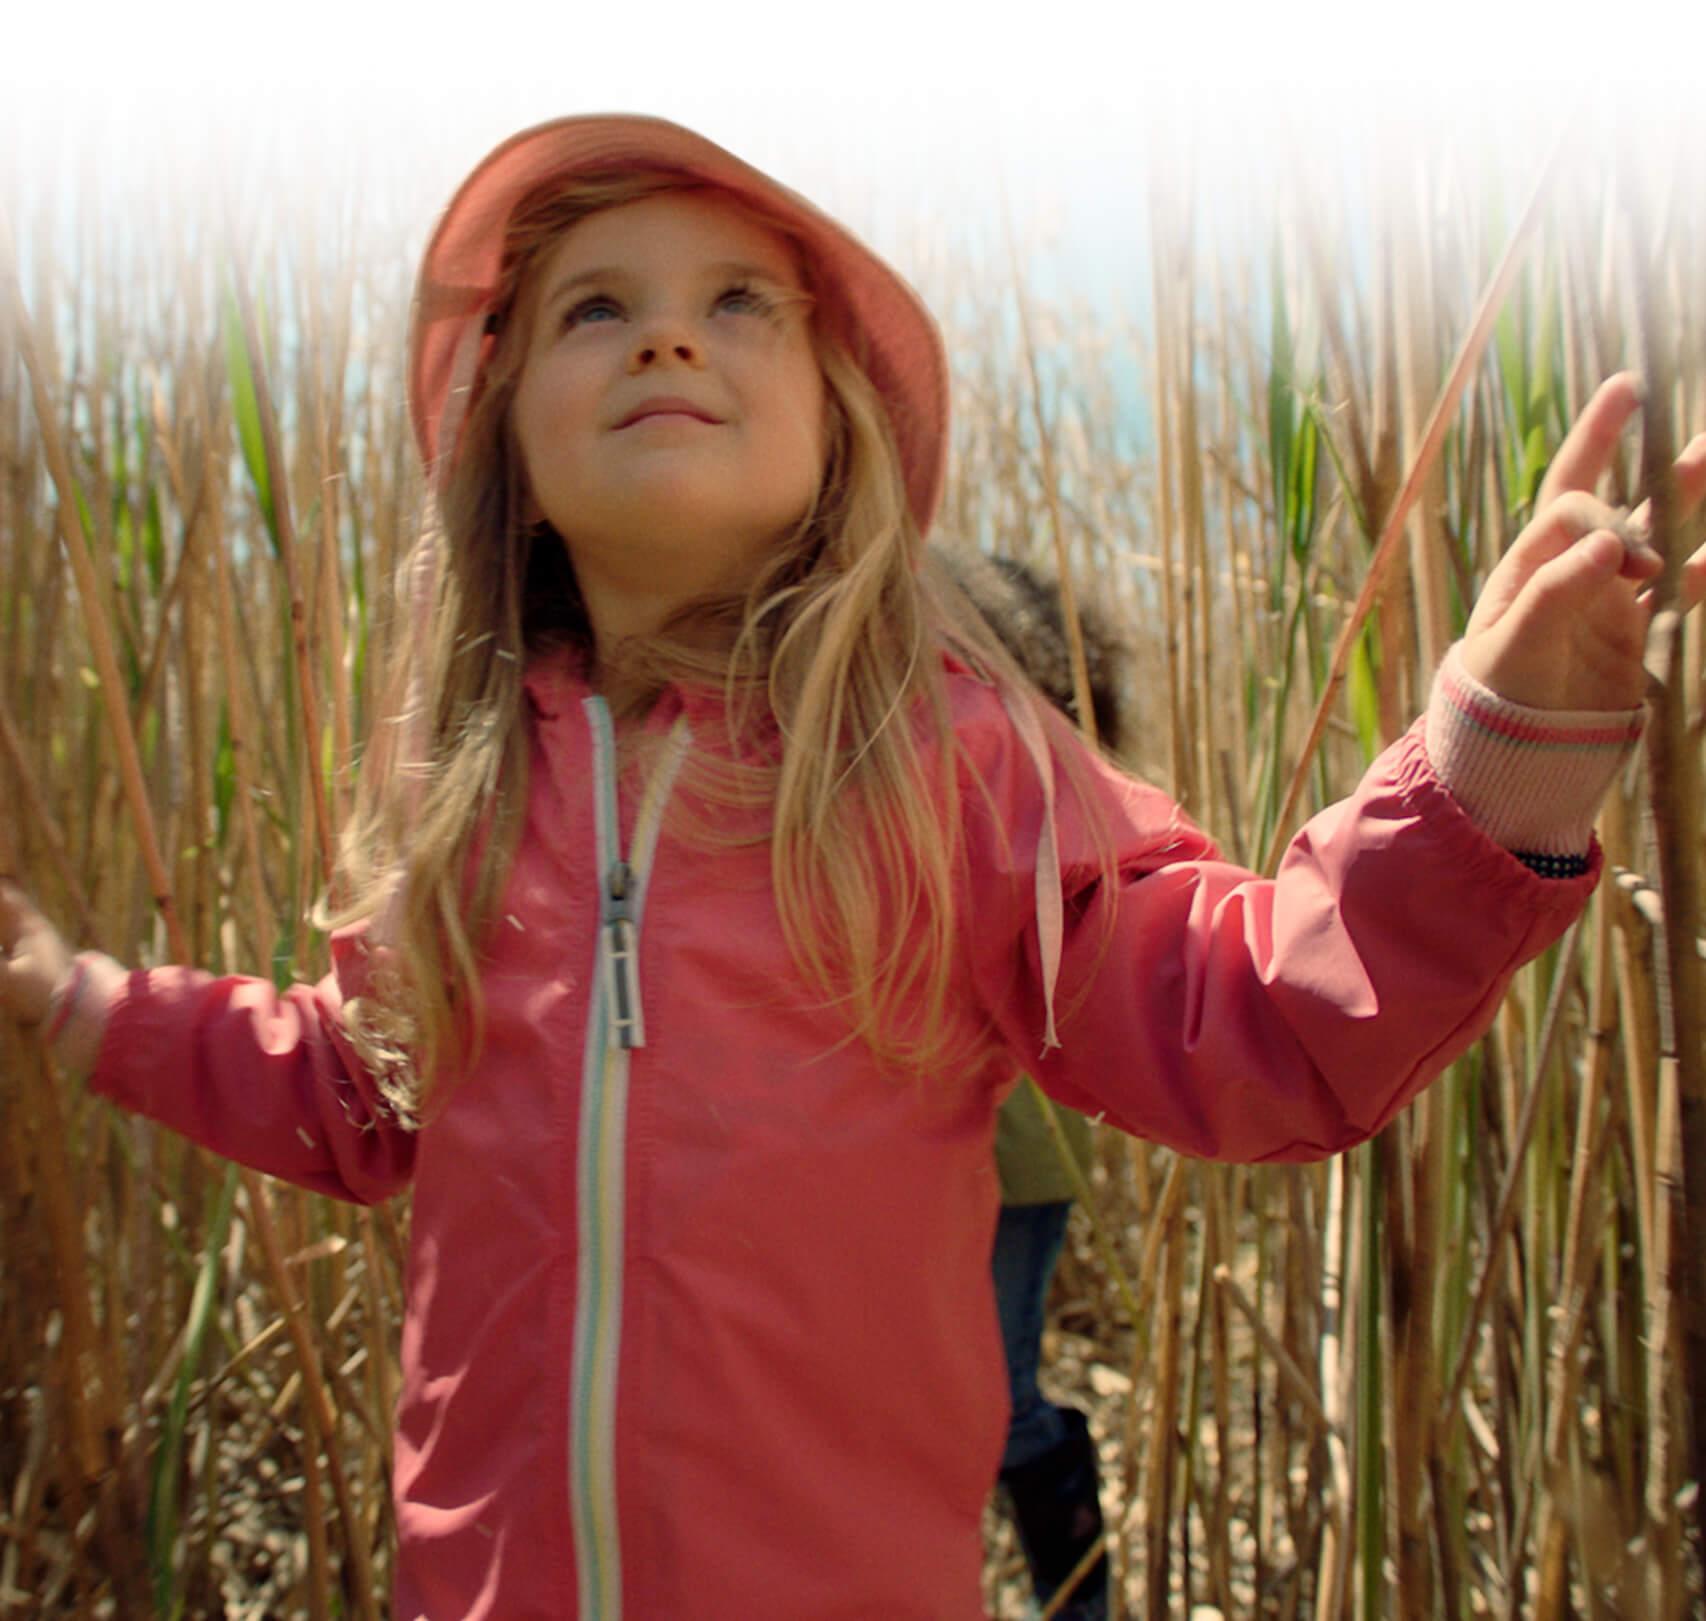 Une petite fille avec manteau et chapeau roses, se balade dans un champ de maïs avec son amie.